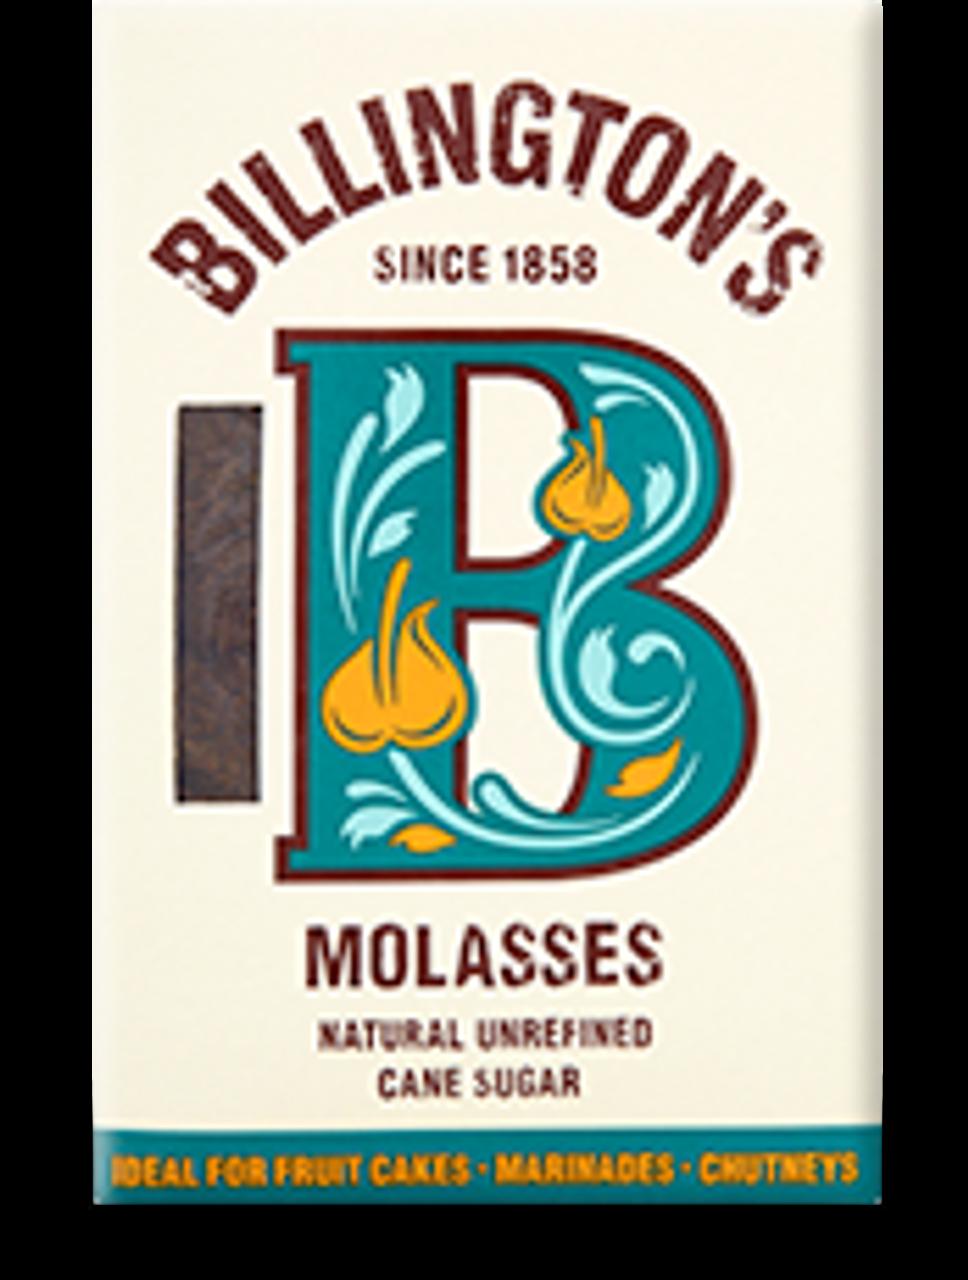 BILLINGTONS MOLASSES SUGAR UNREFINED 500g